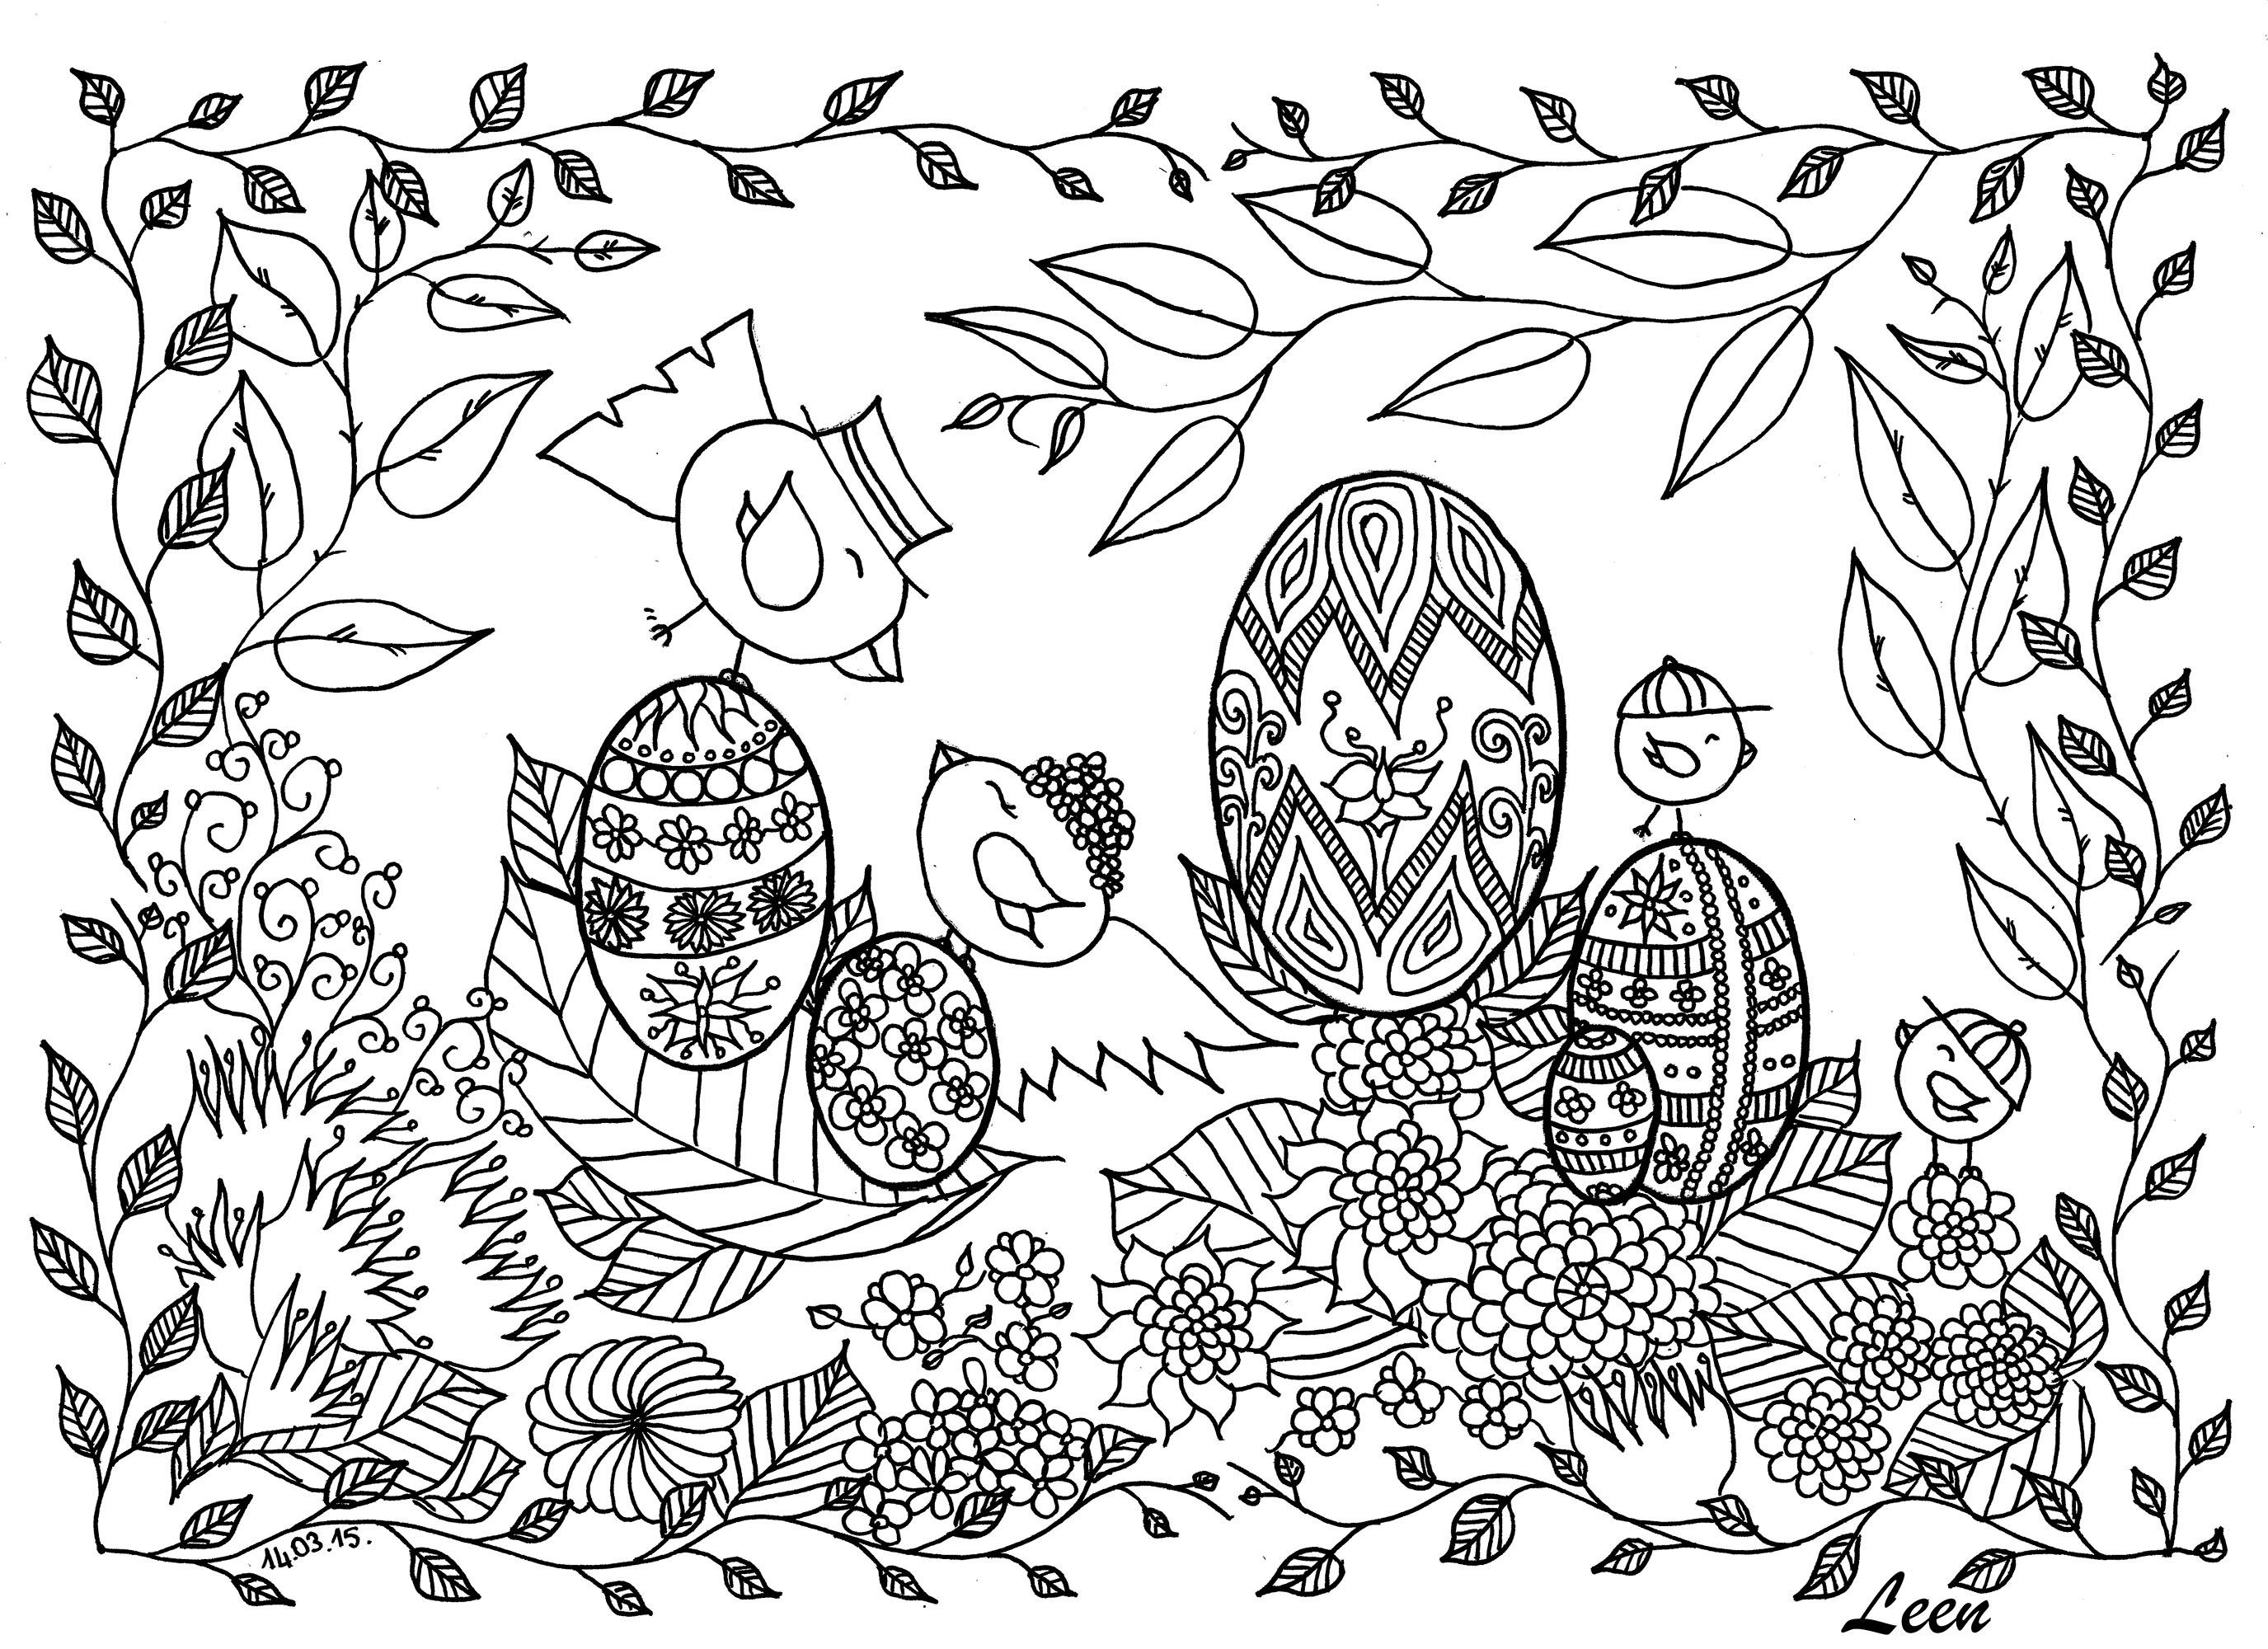 Disegni da colorare per adulti : Pasqua - 1